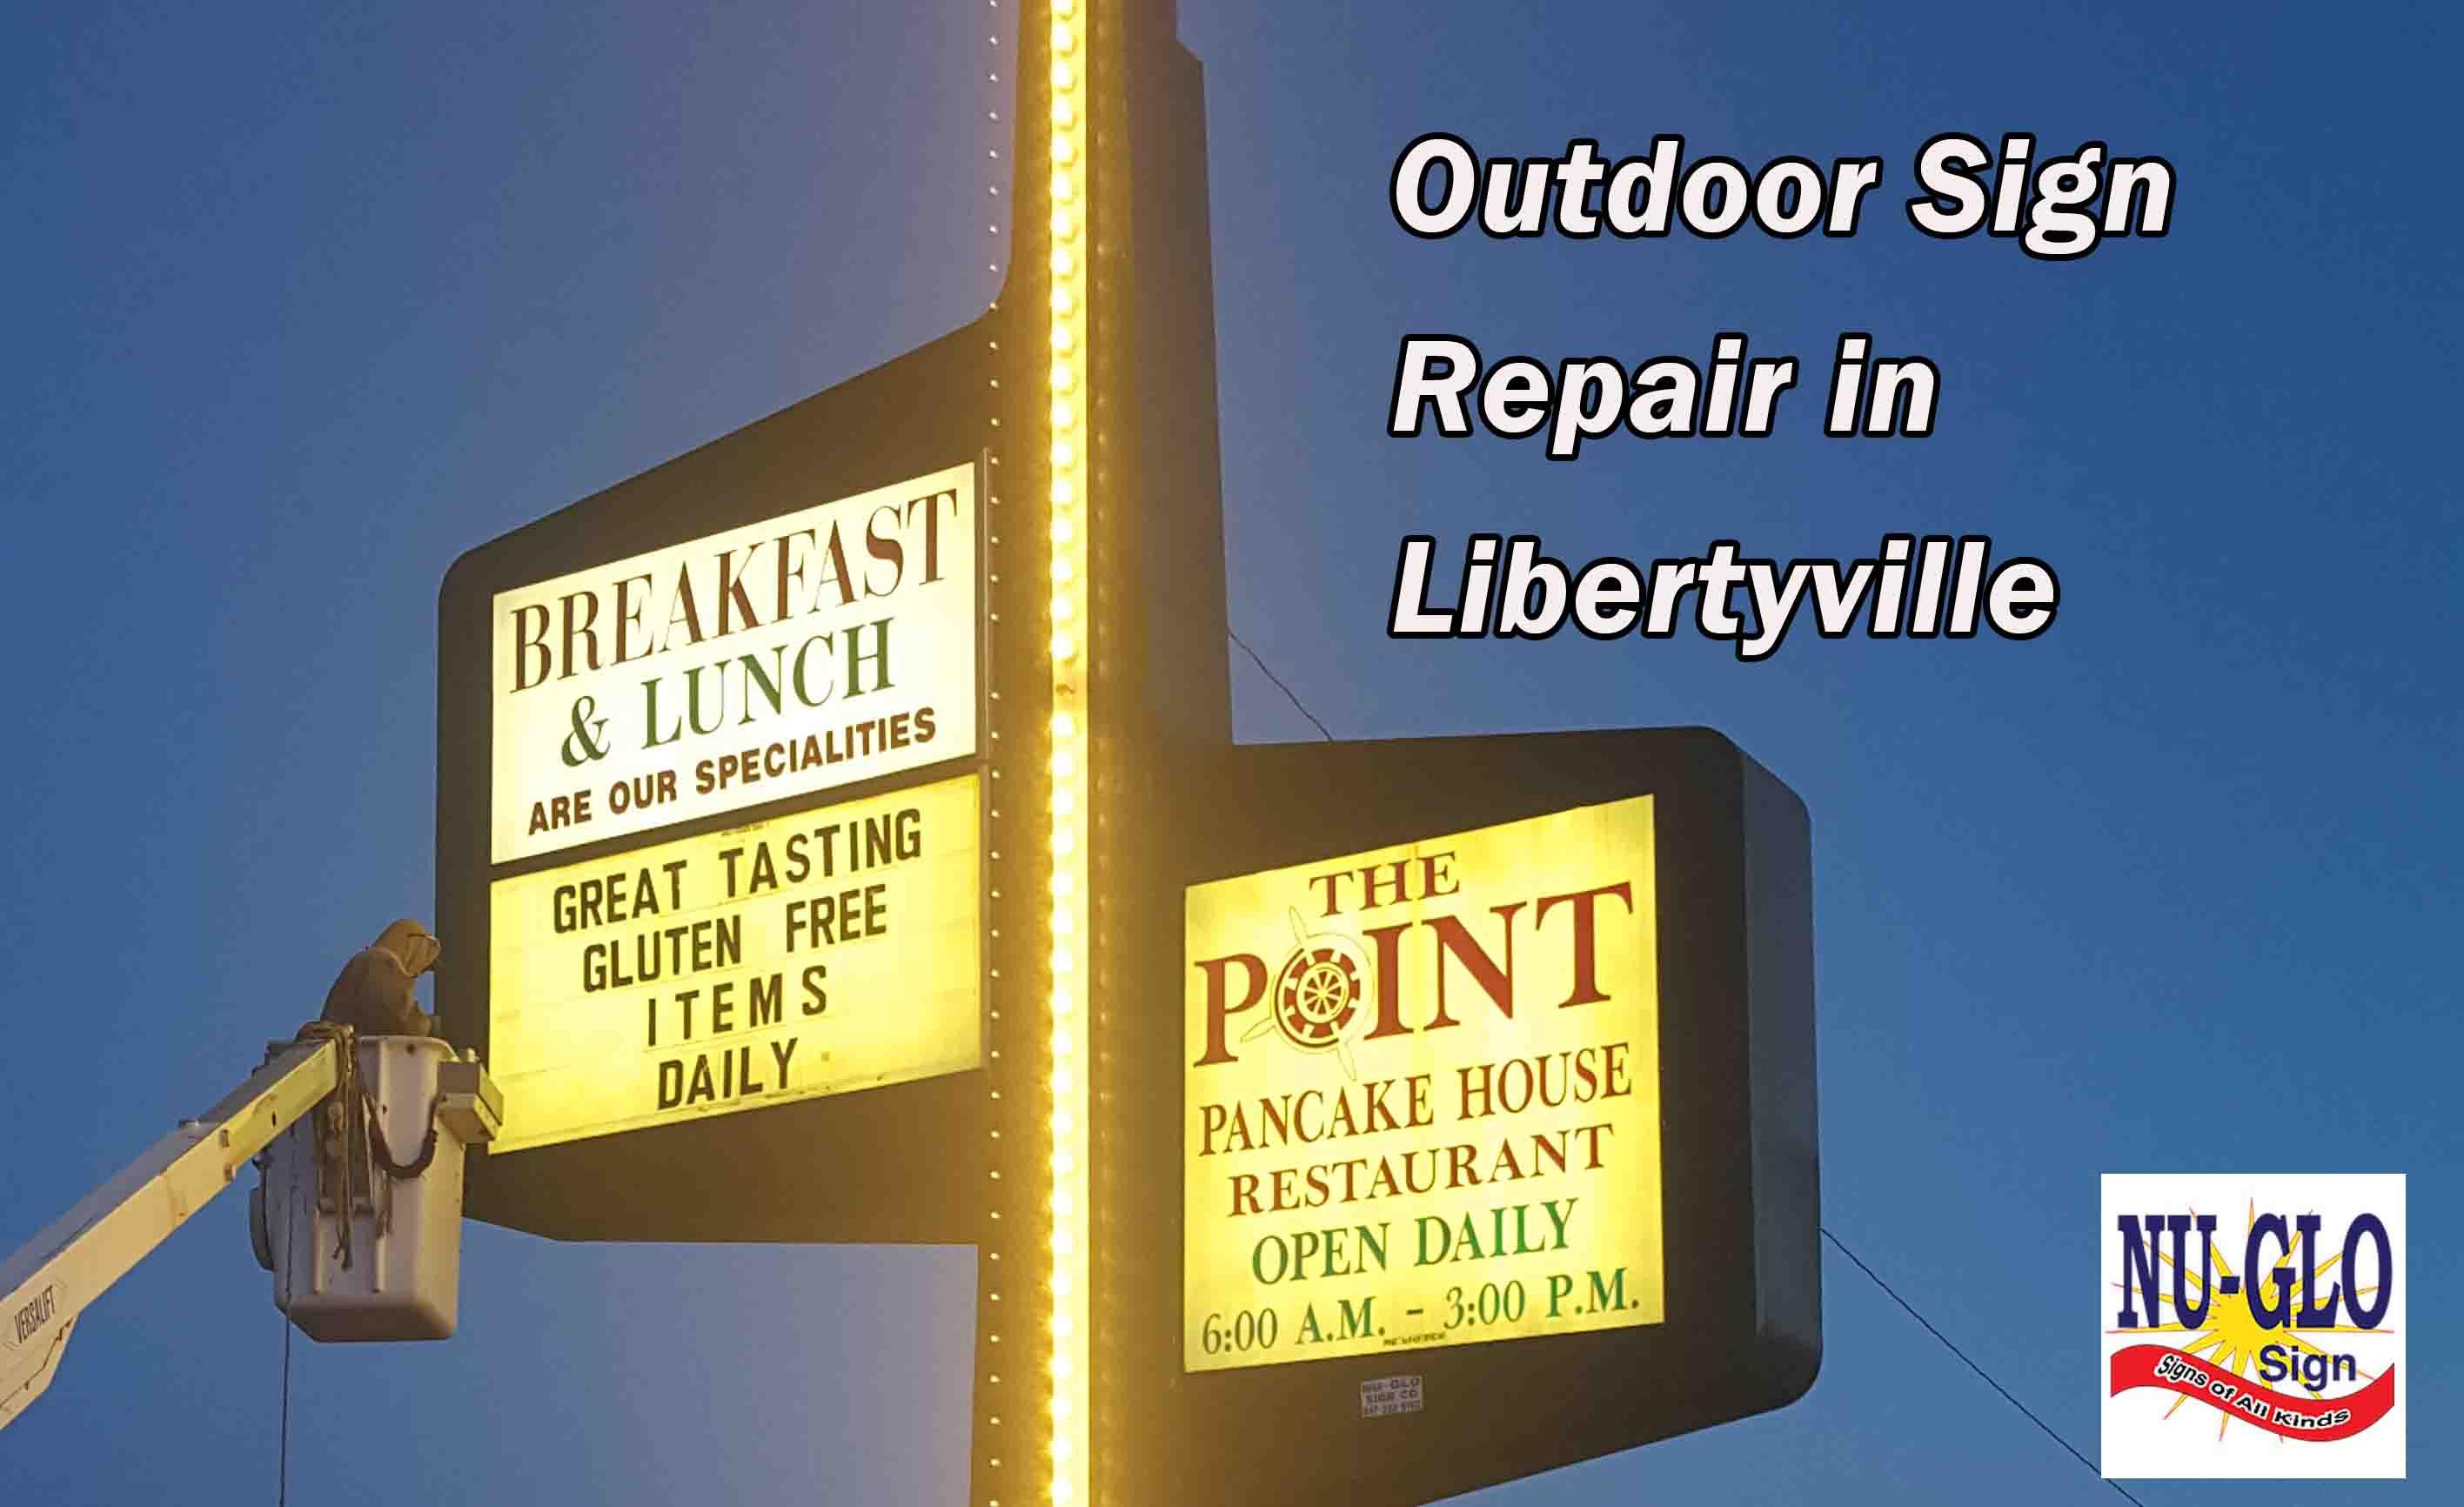 Outdoor Sign Repair in Libertyville